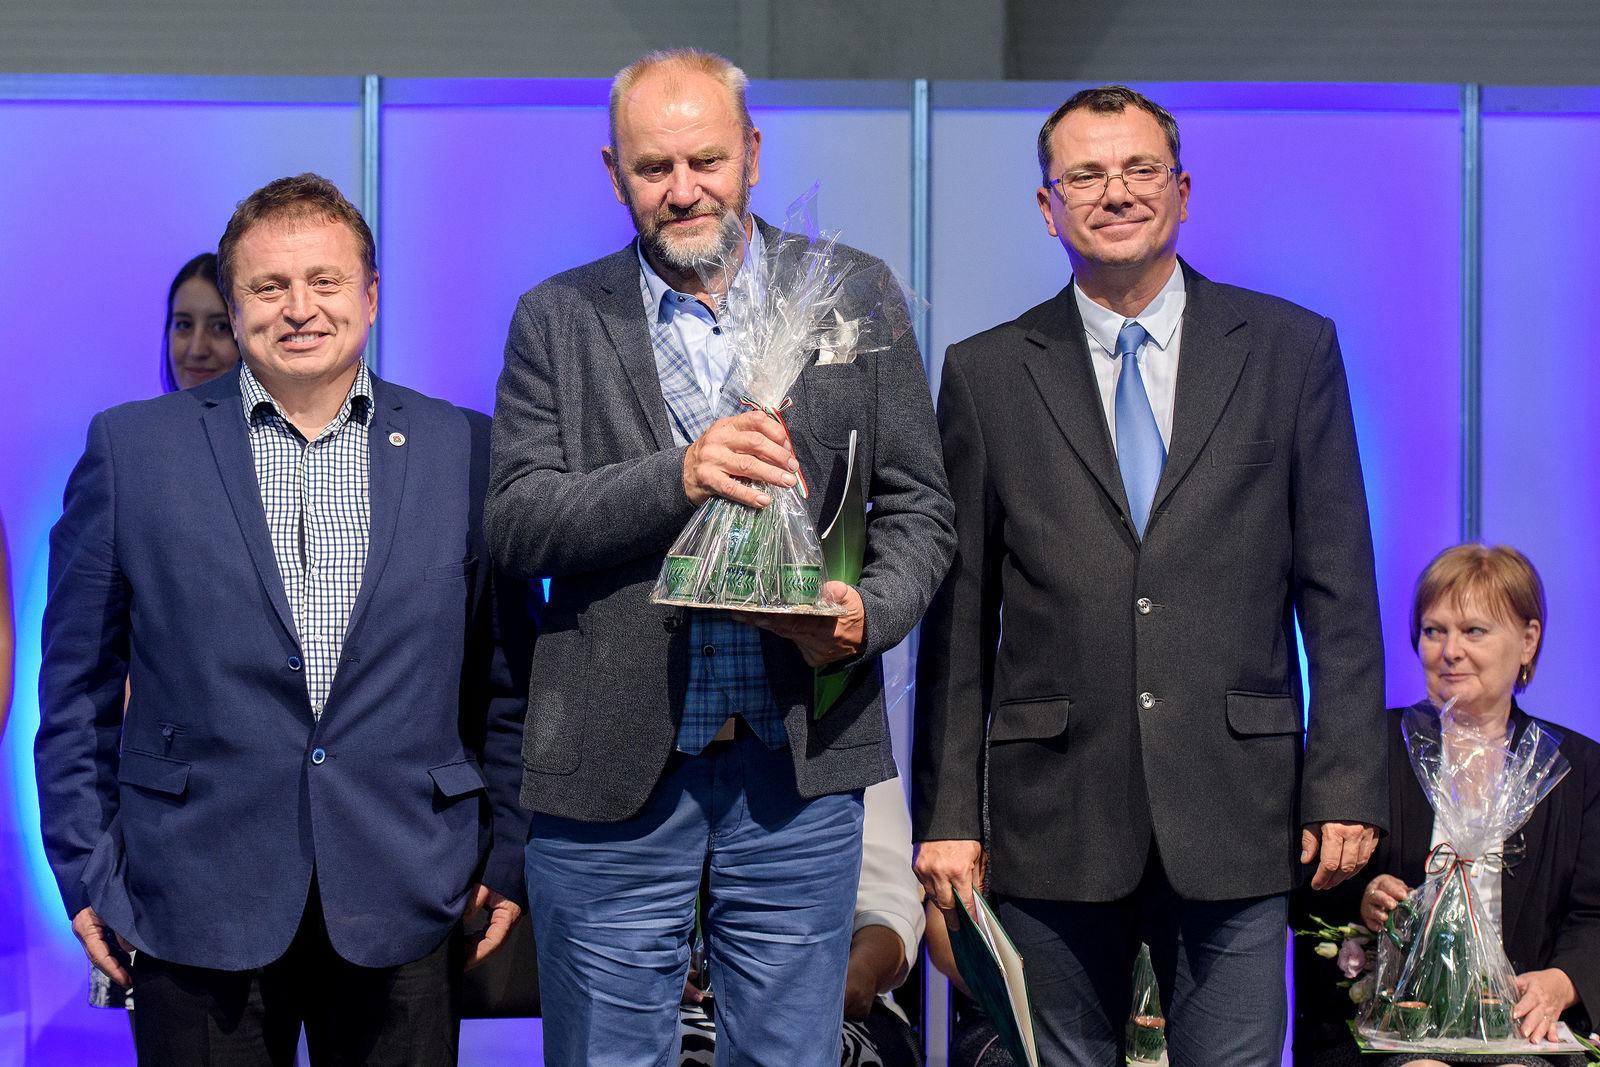 A Patóhegyi Borházfalunak járó díjat Sebők Sándor vehette át